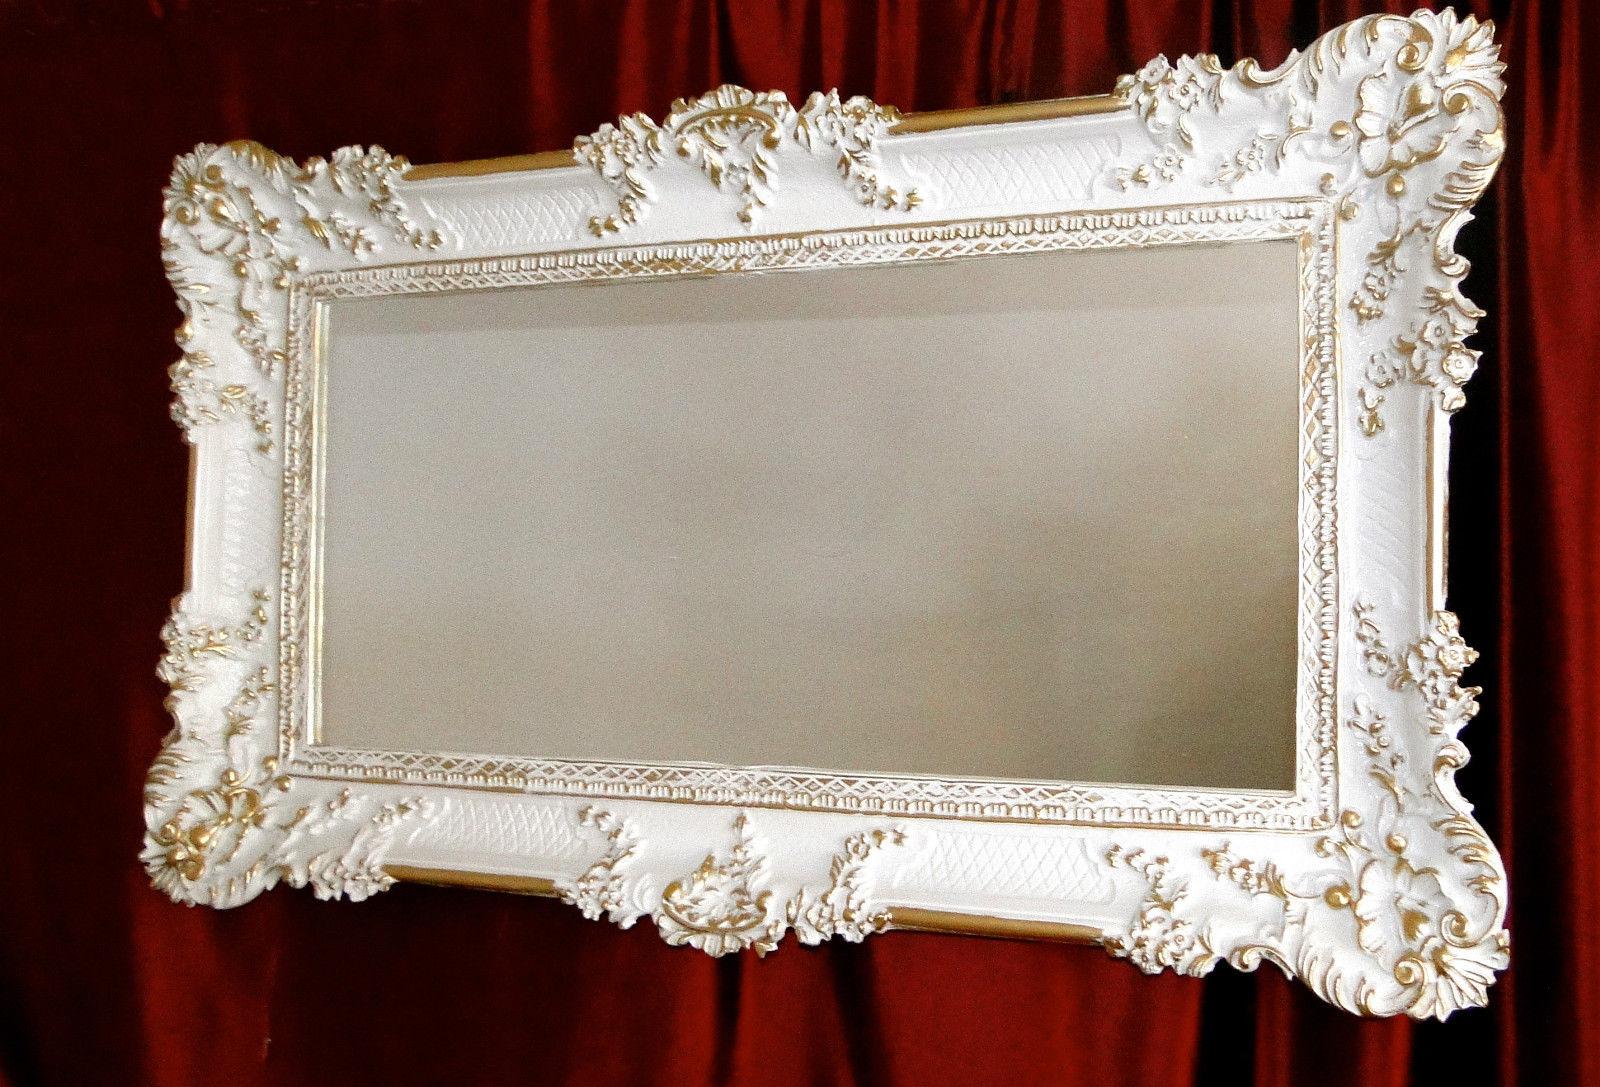 Bilderrahmen Barock Hochzeitsrahmen Weiß-Gold 97x57 Bilderrahmen ...